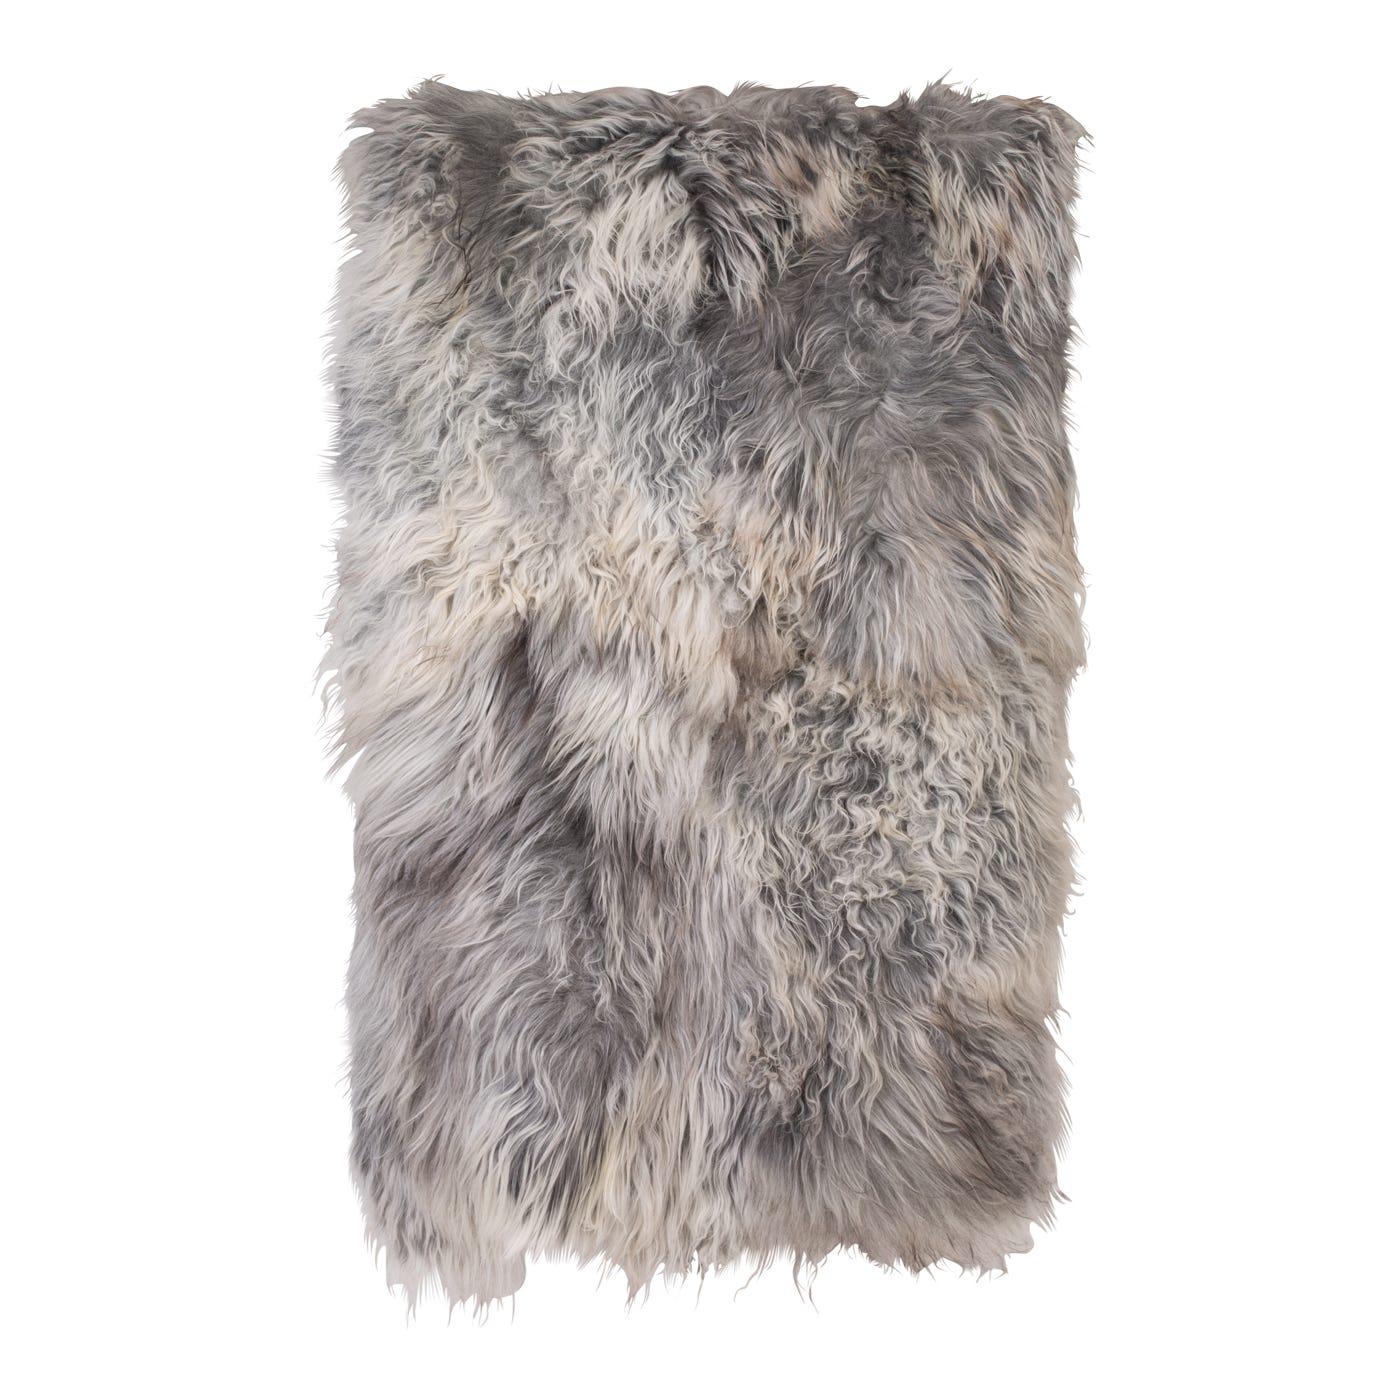 Icelandic Sheepskin Extra Large Rug